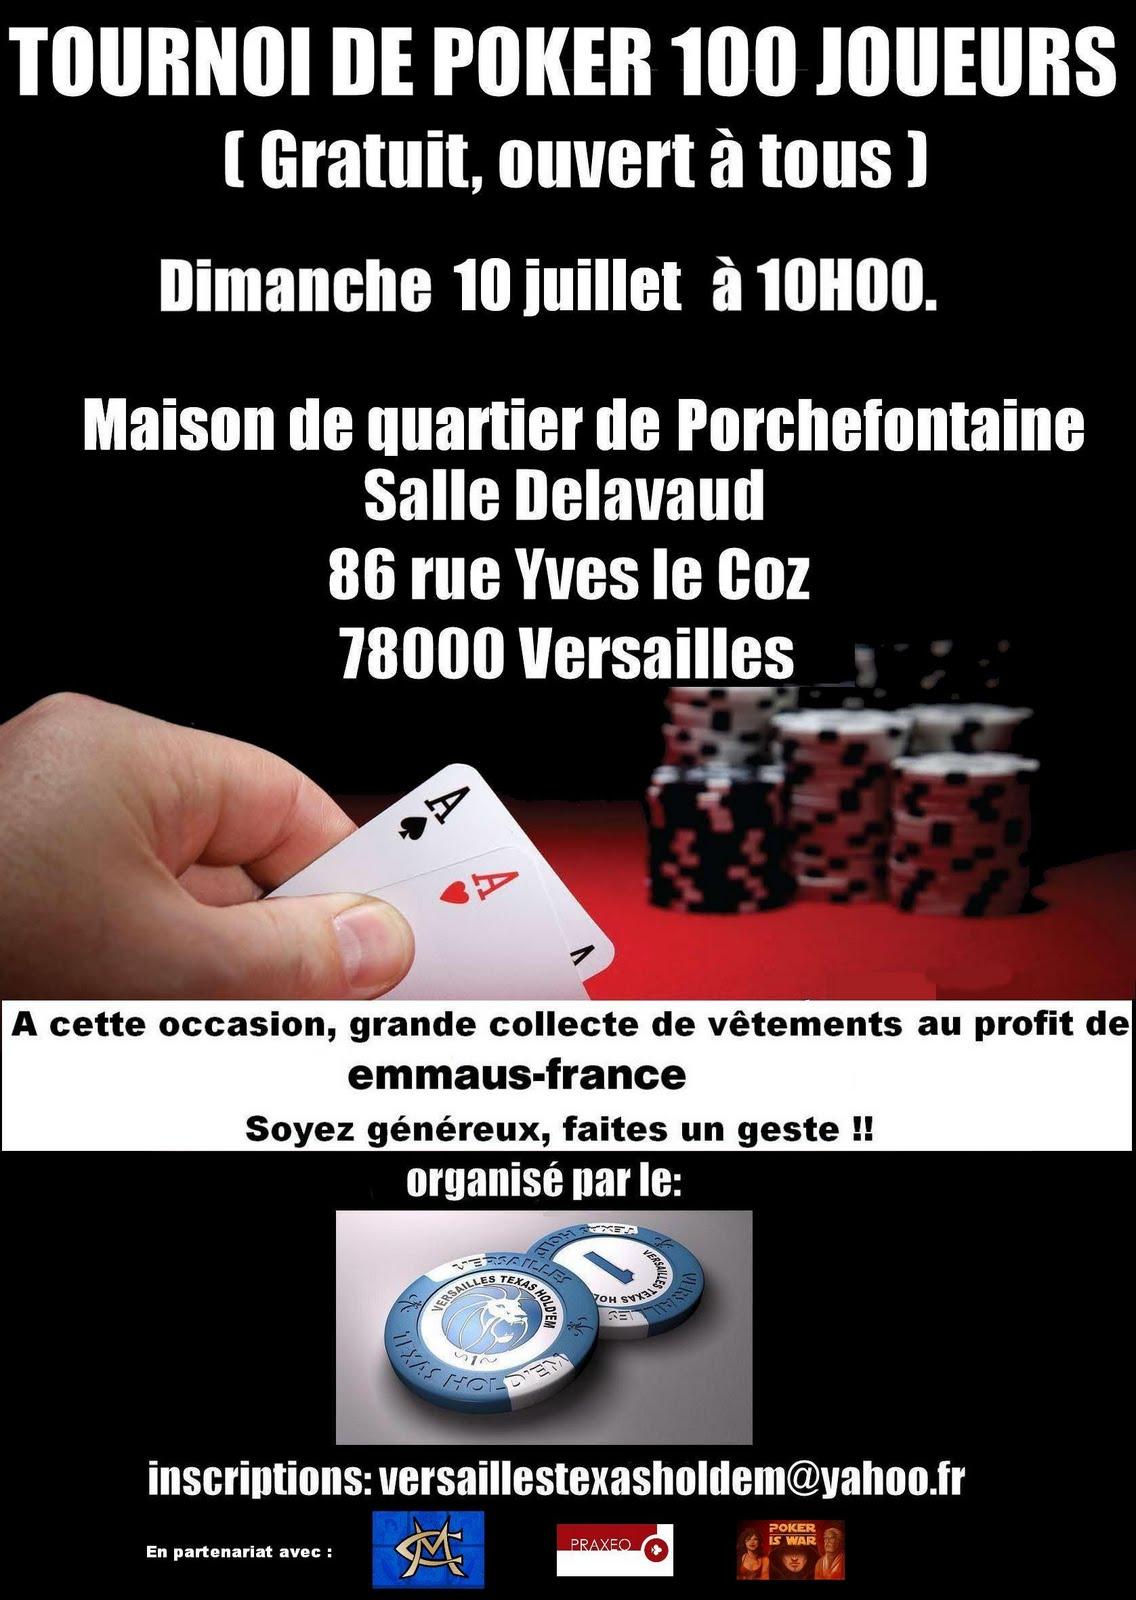 slot juegos gratis de casino